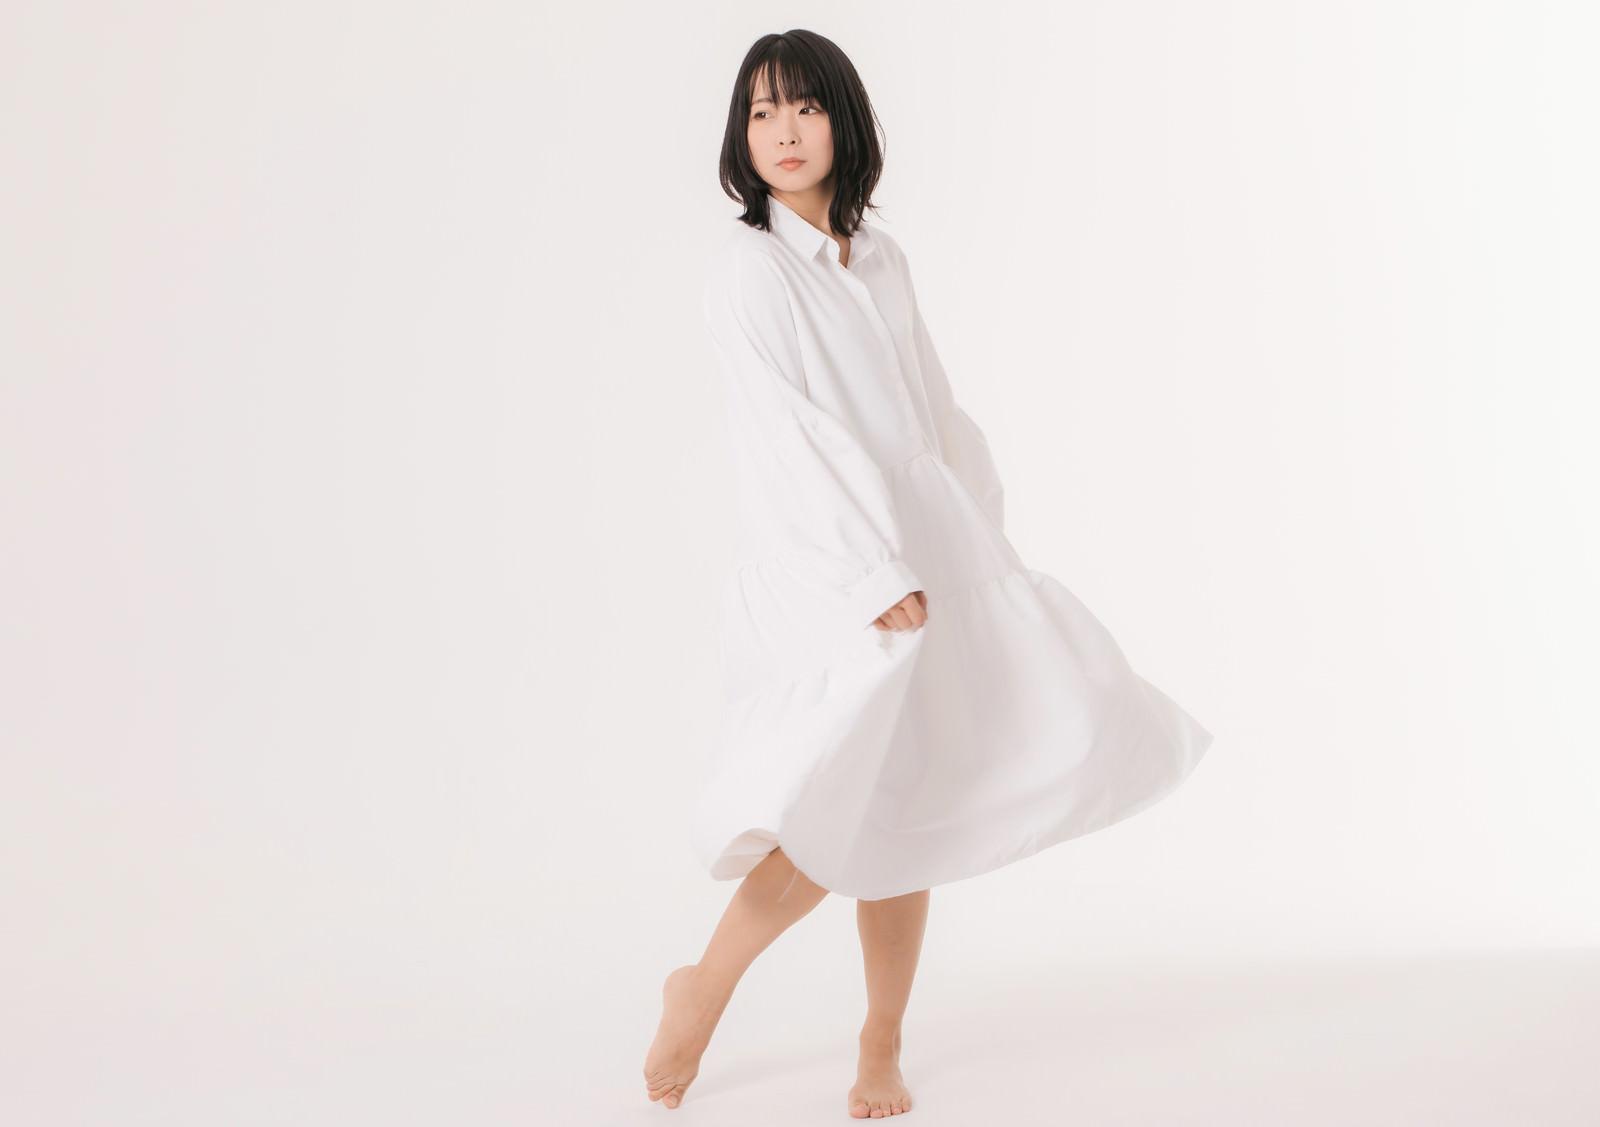 「白ワンピを着てファサー」の写真[モデル:にゃるる]